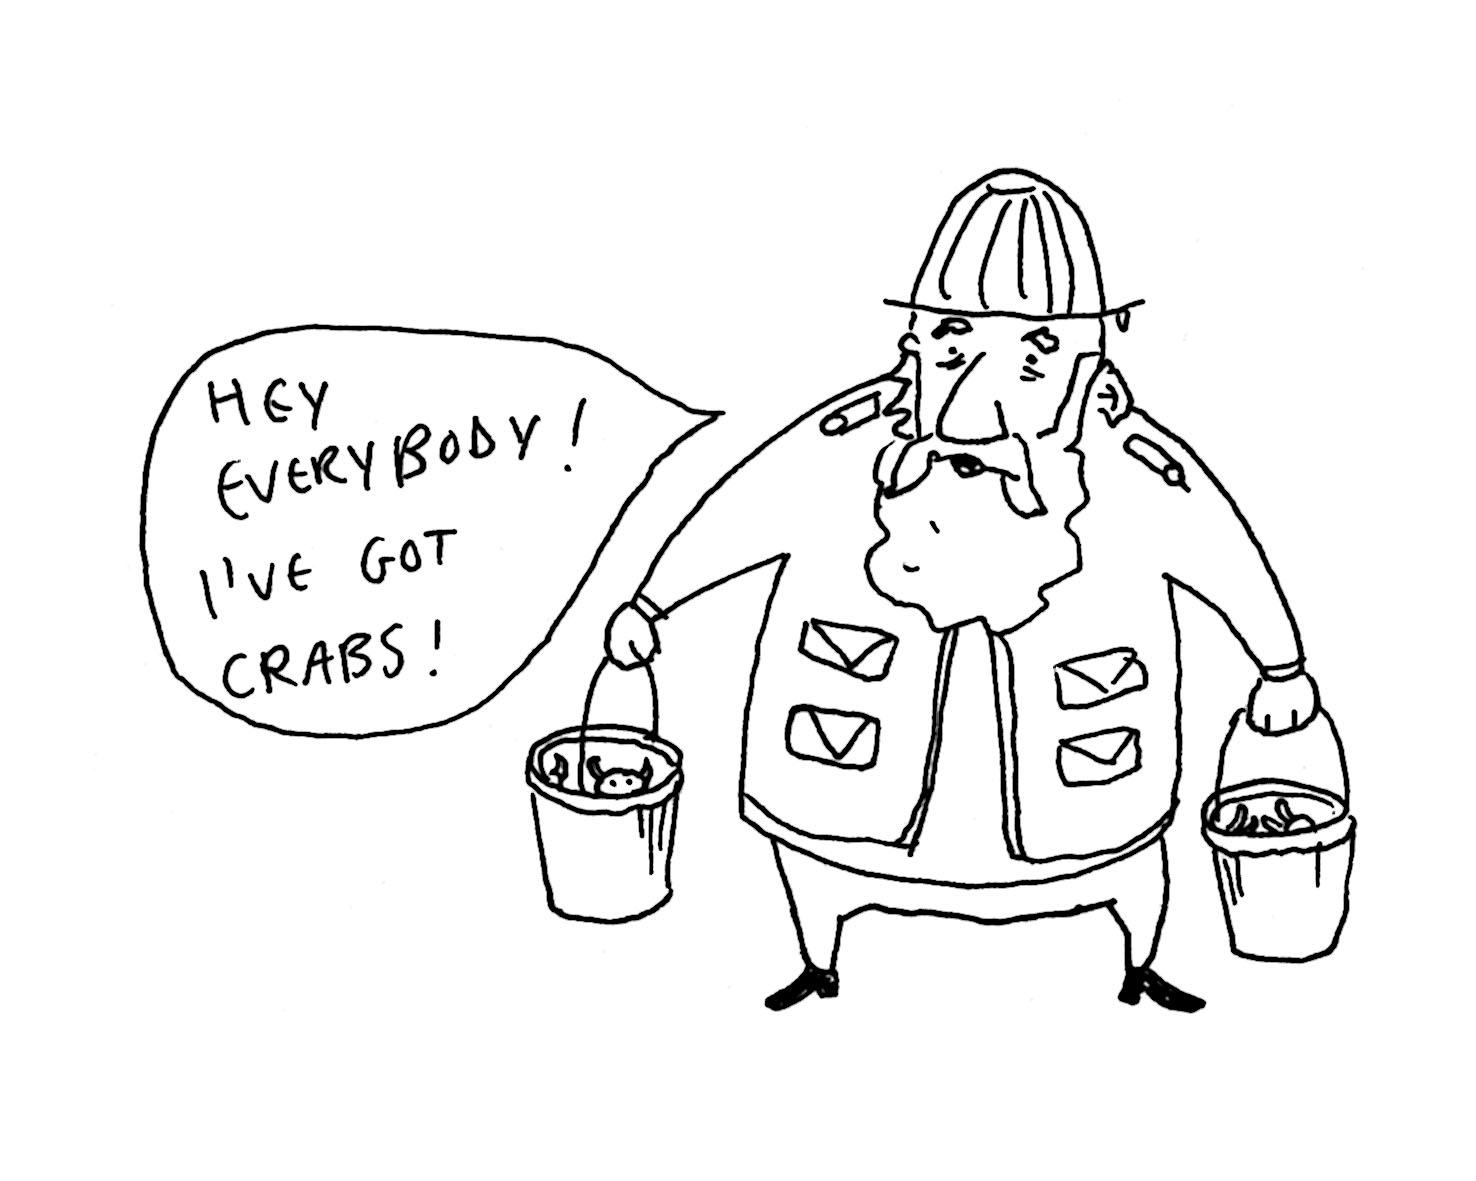 Matty Long Illustration: The Fisherman